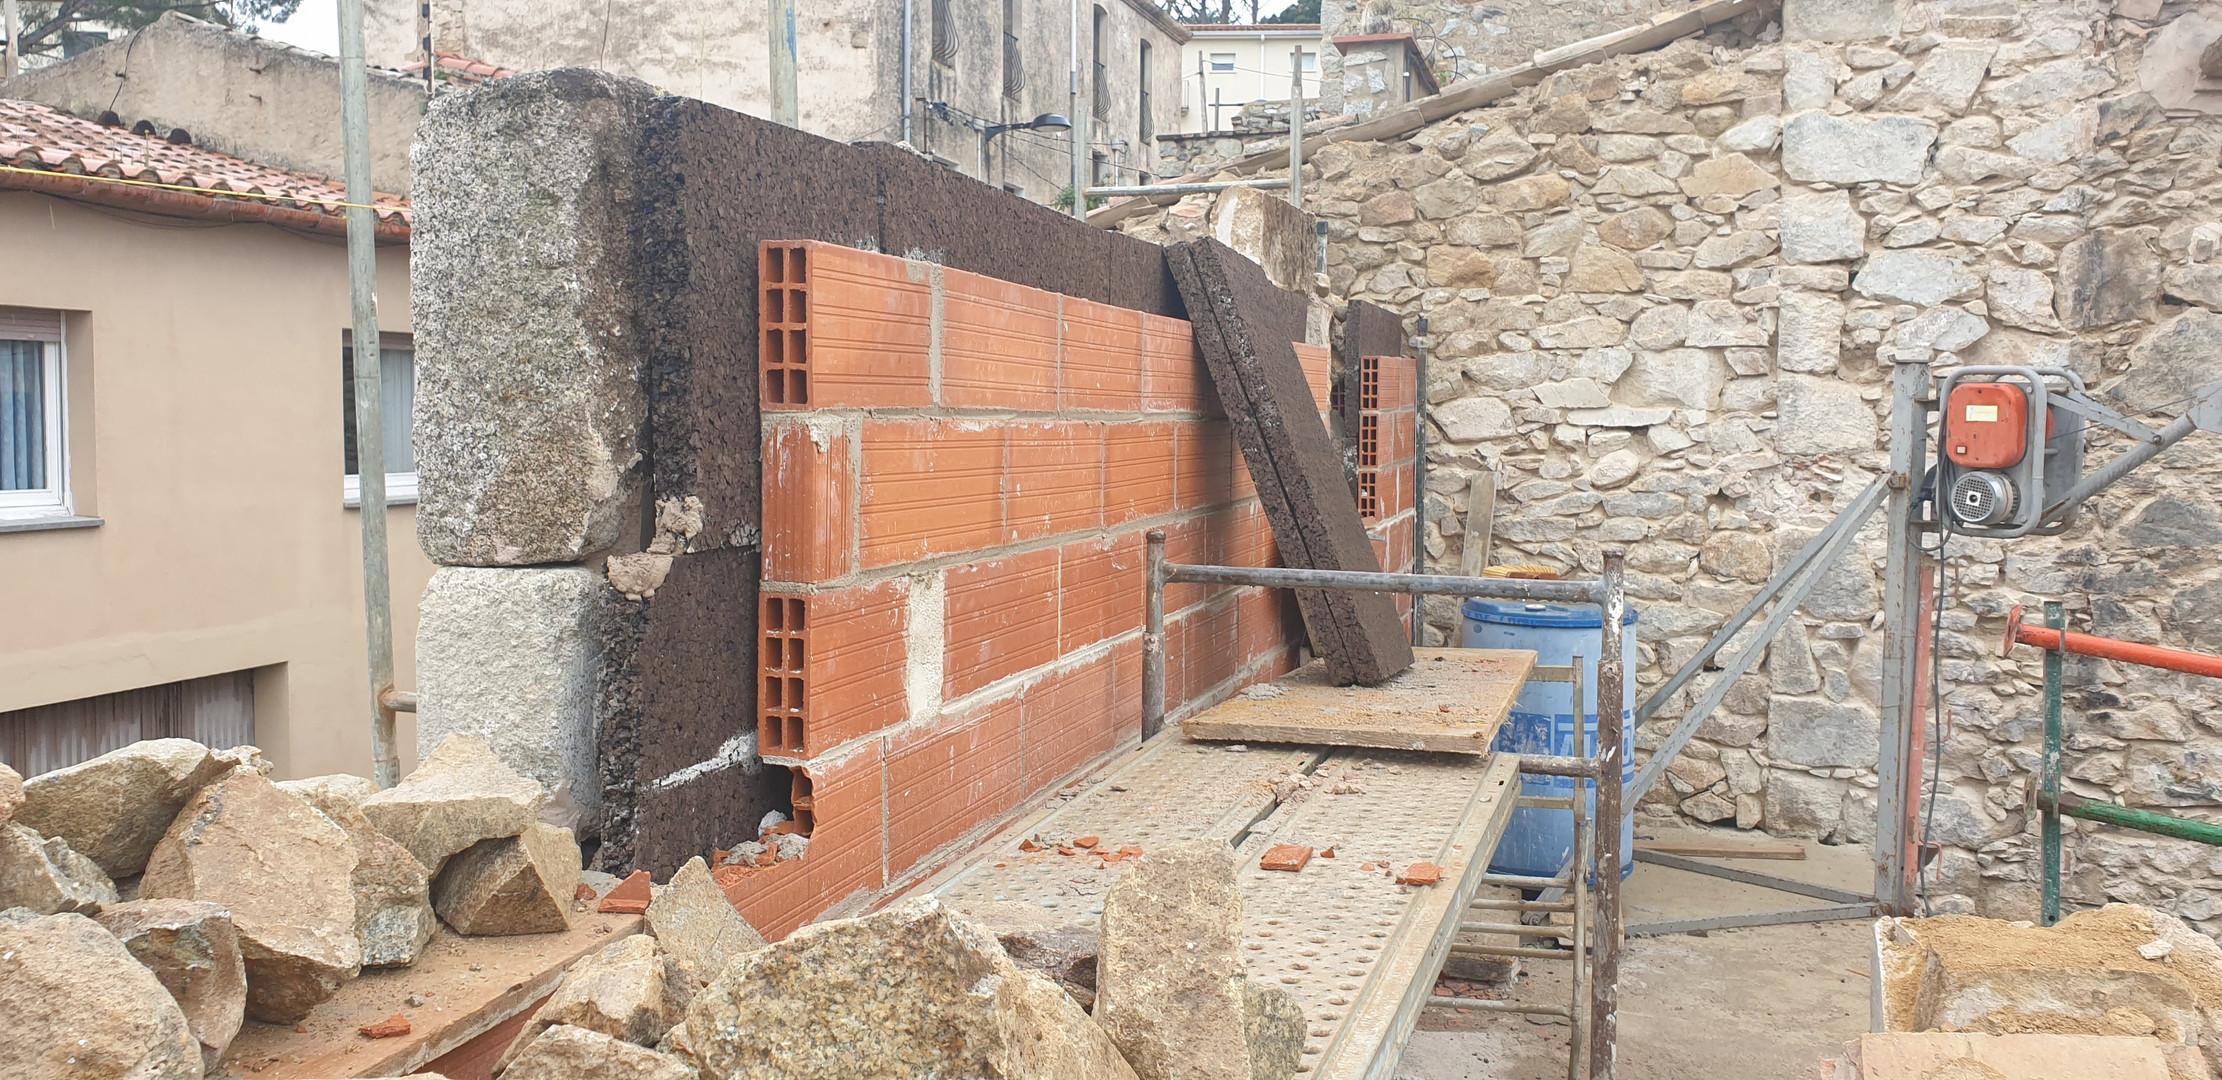 Formació de façana de pedra vista